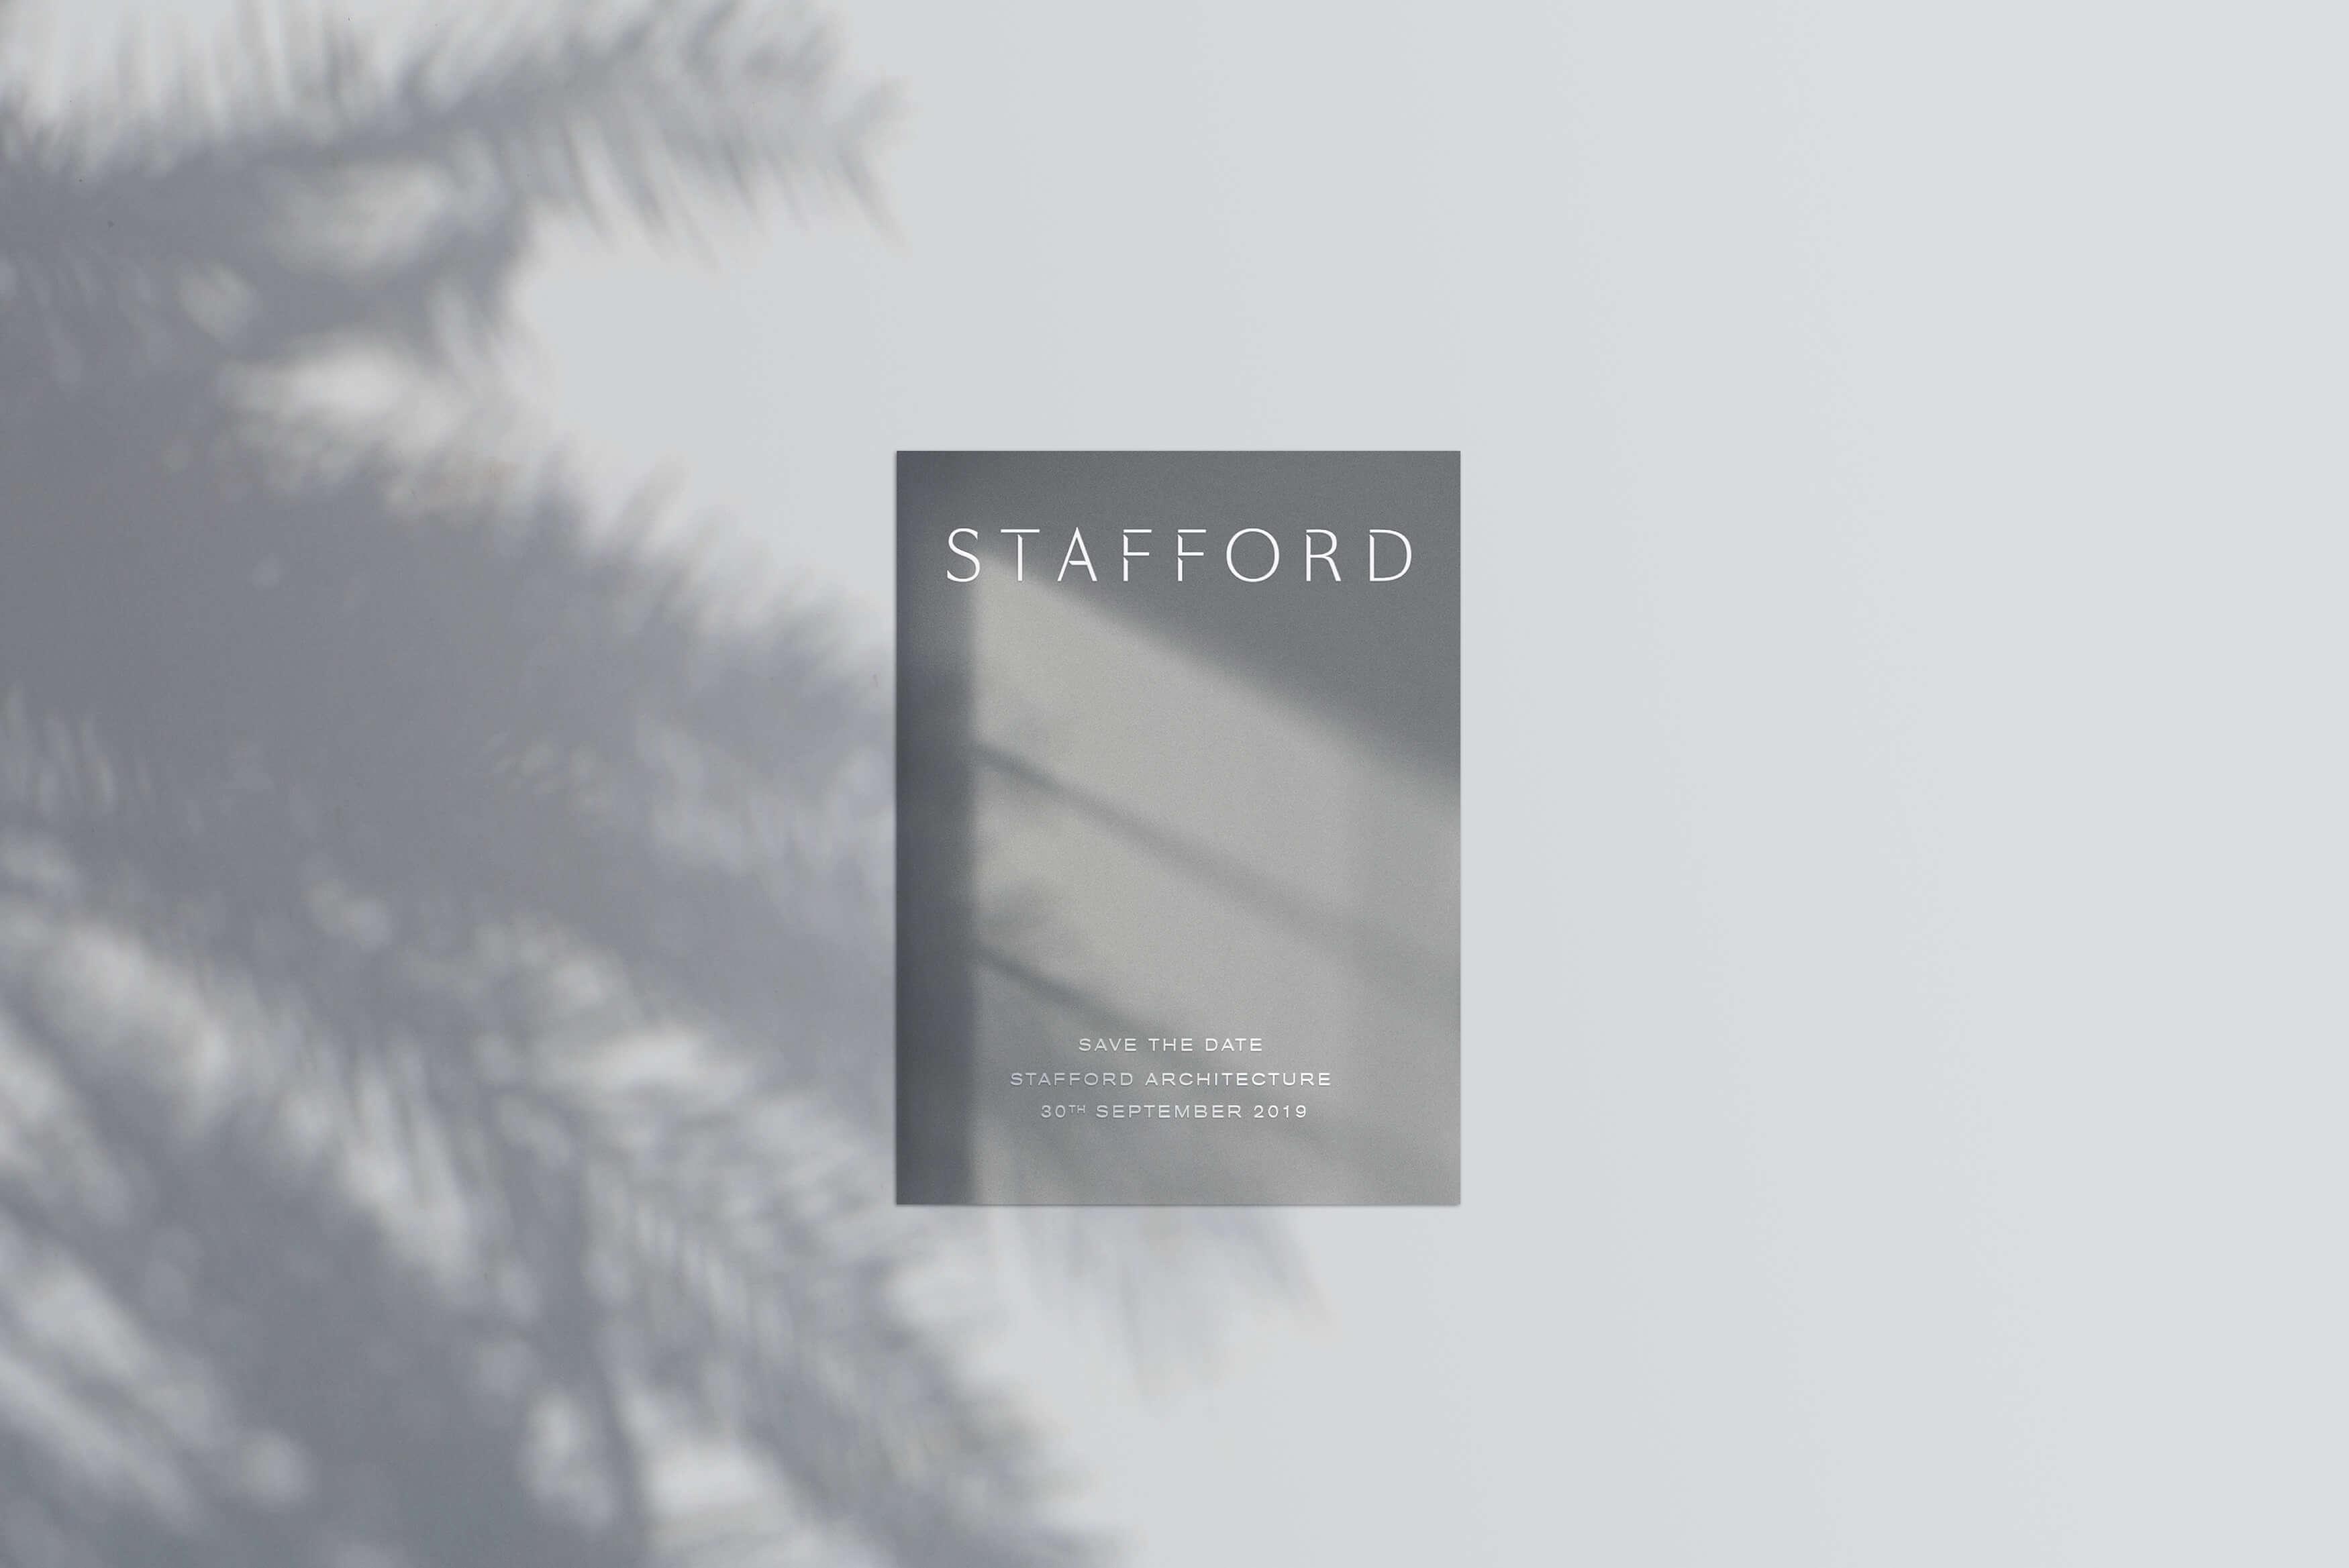 Stafford Architecture - Brand launch event invite